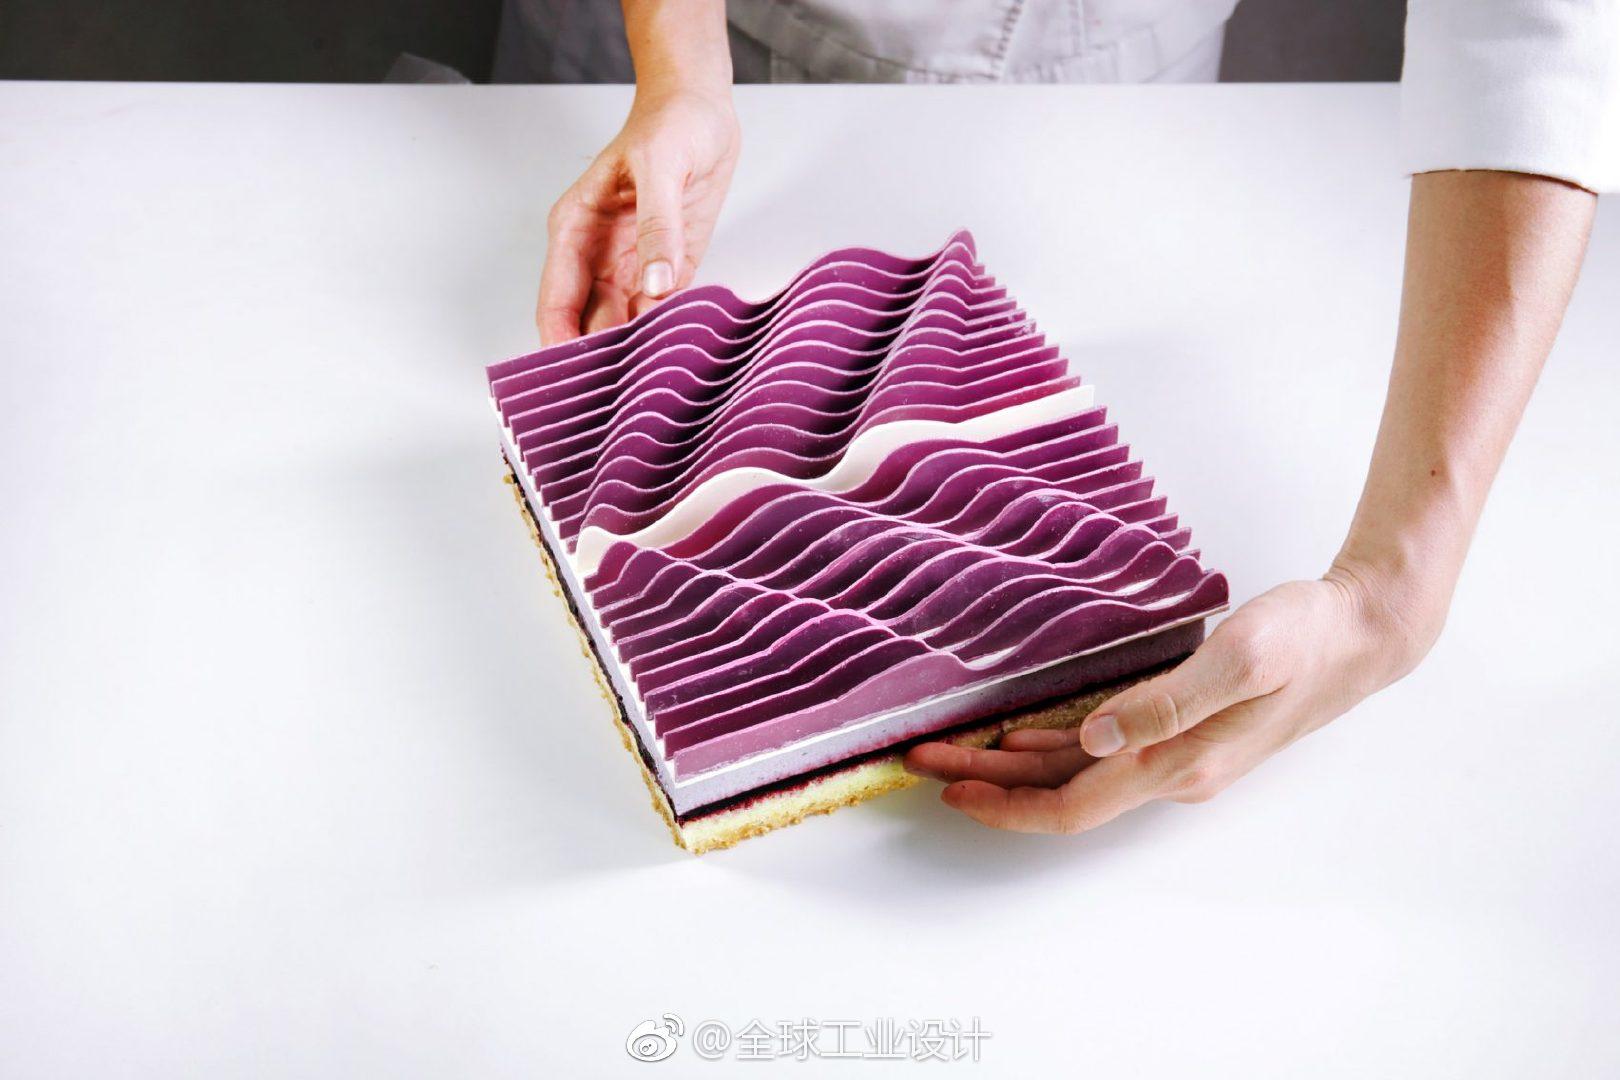 艺术家JoséMargulis的多层、三维作品已经被建筑师转变为糕点厨师Dina